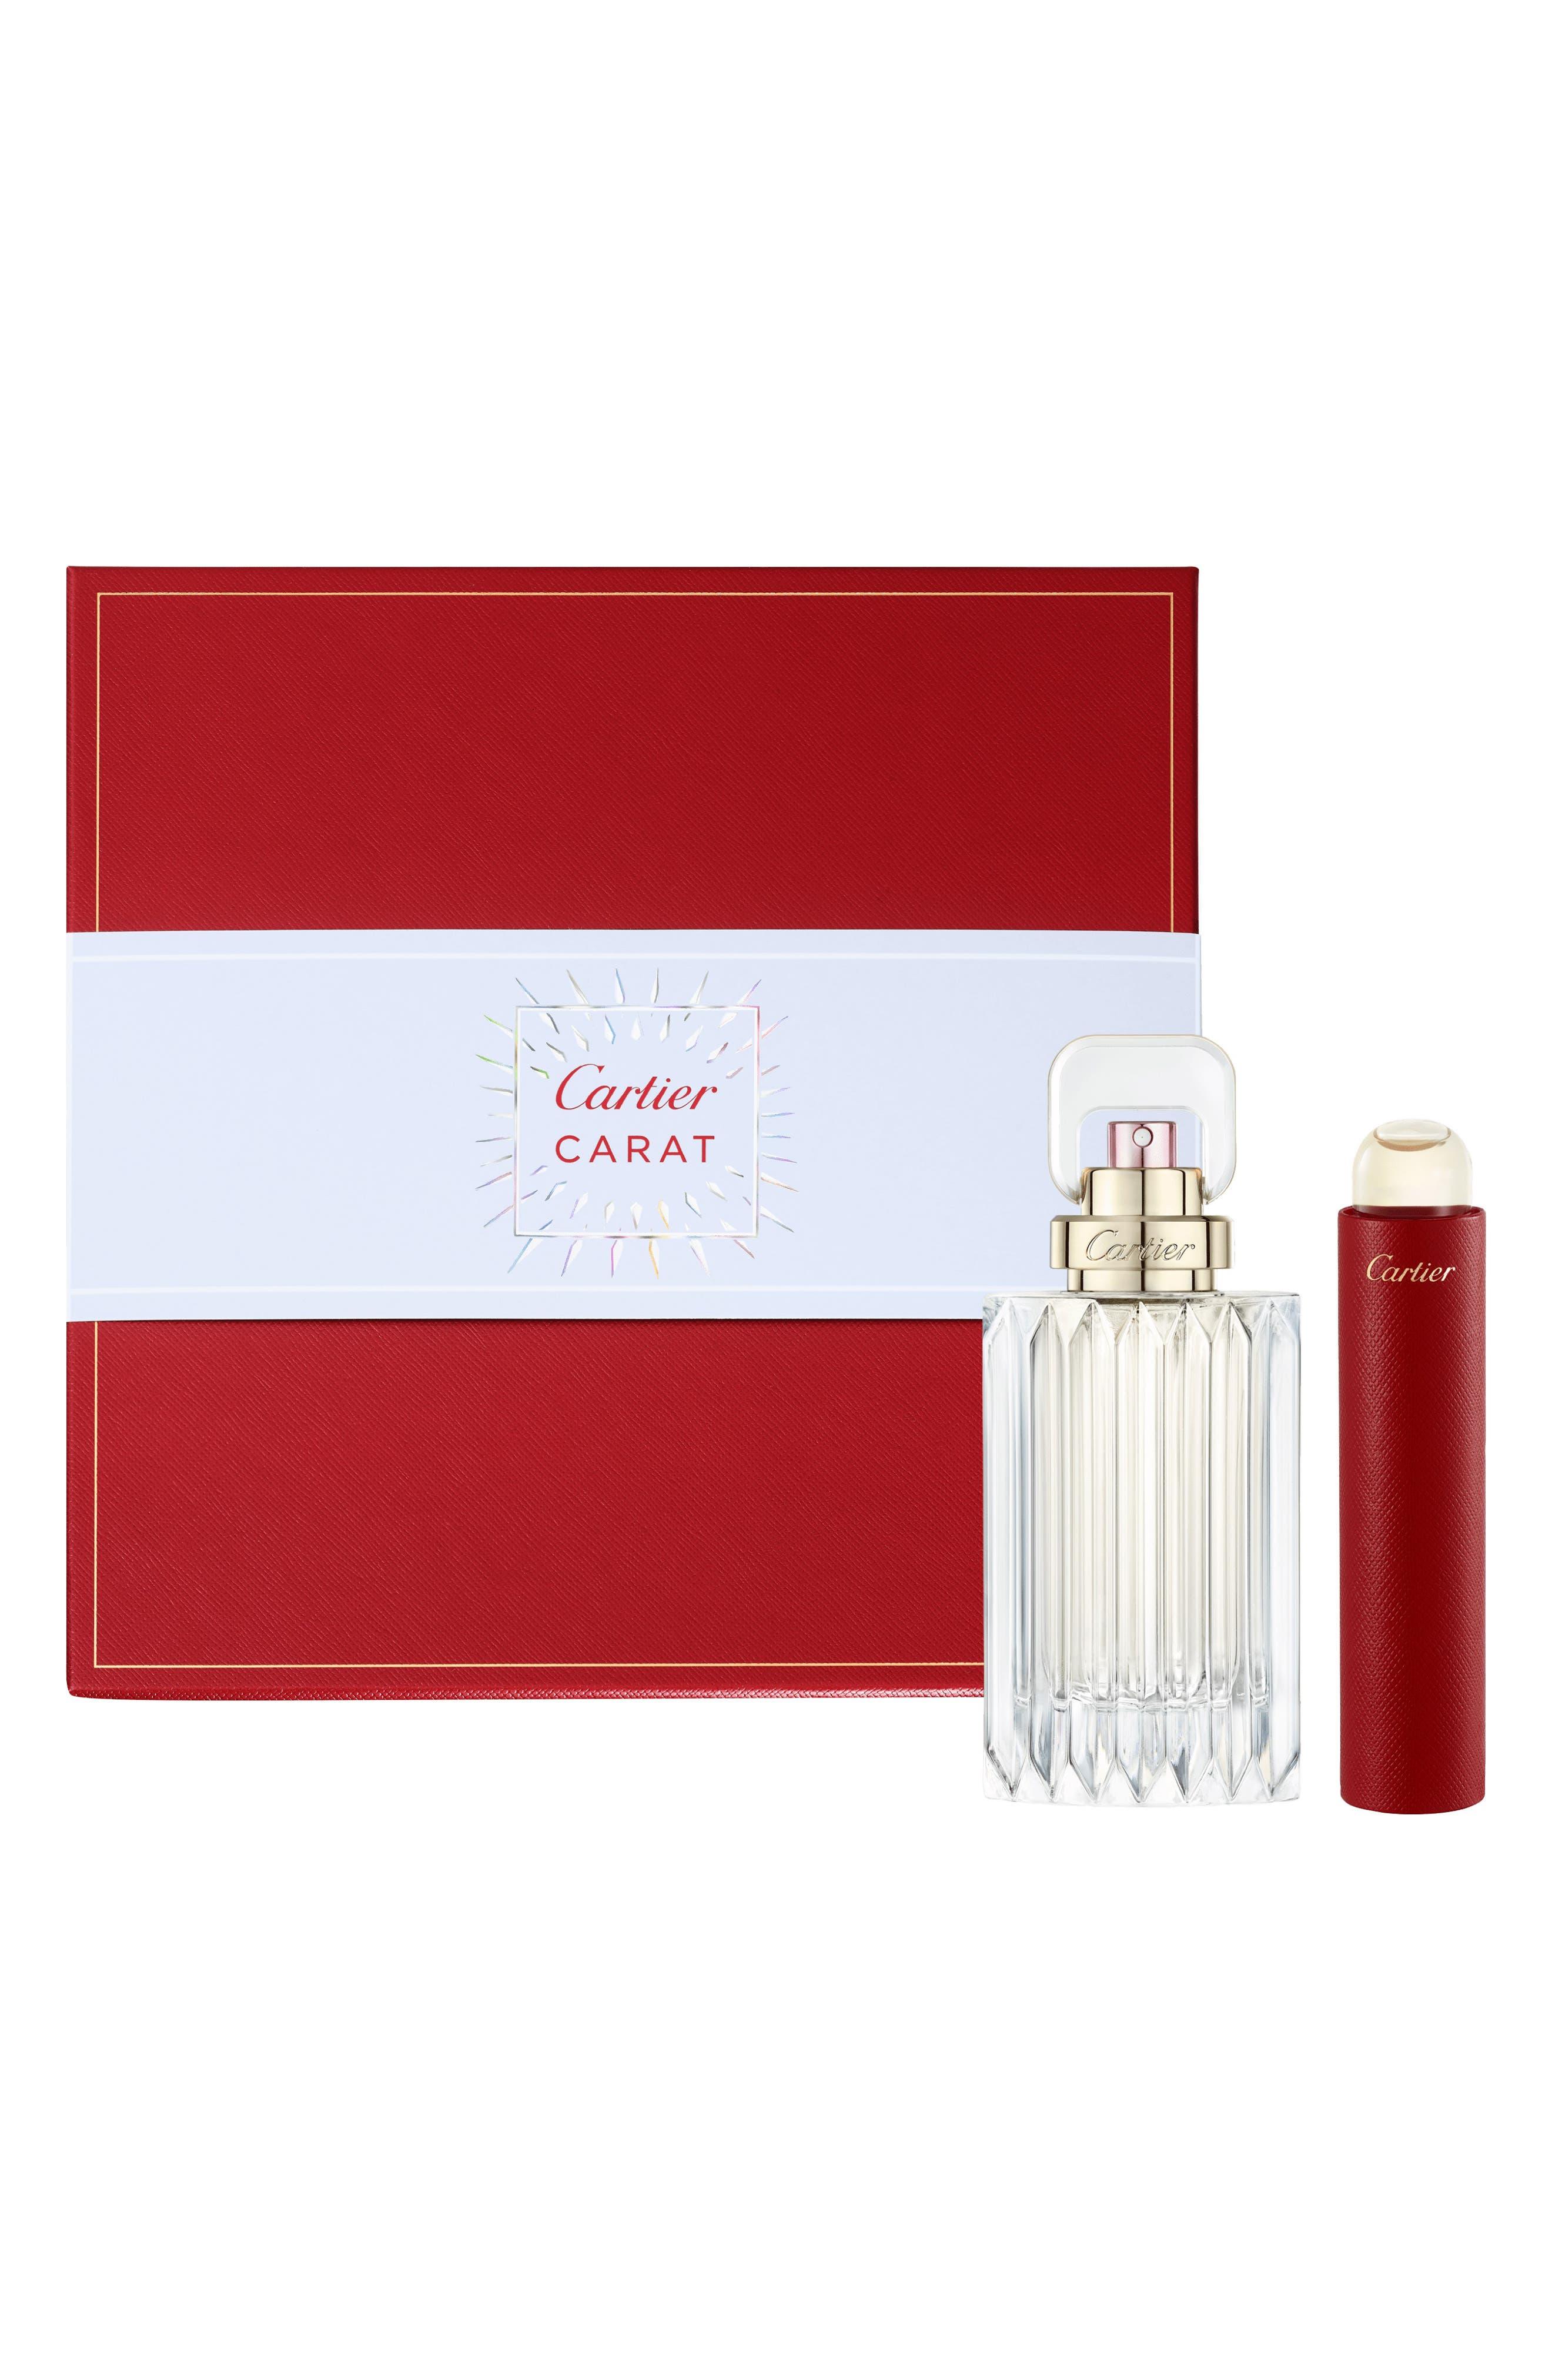 CARTIER, Carat Eau de Parfum Set, Main thumbnail 1, color, NO COLOR